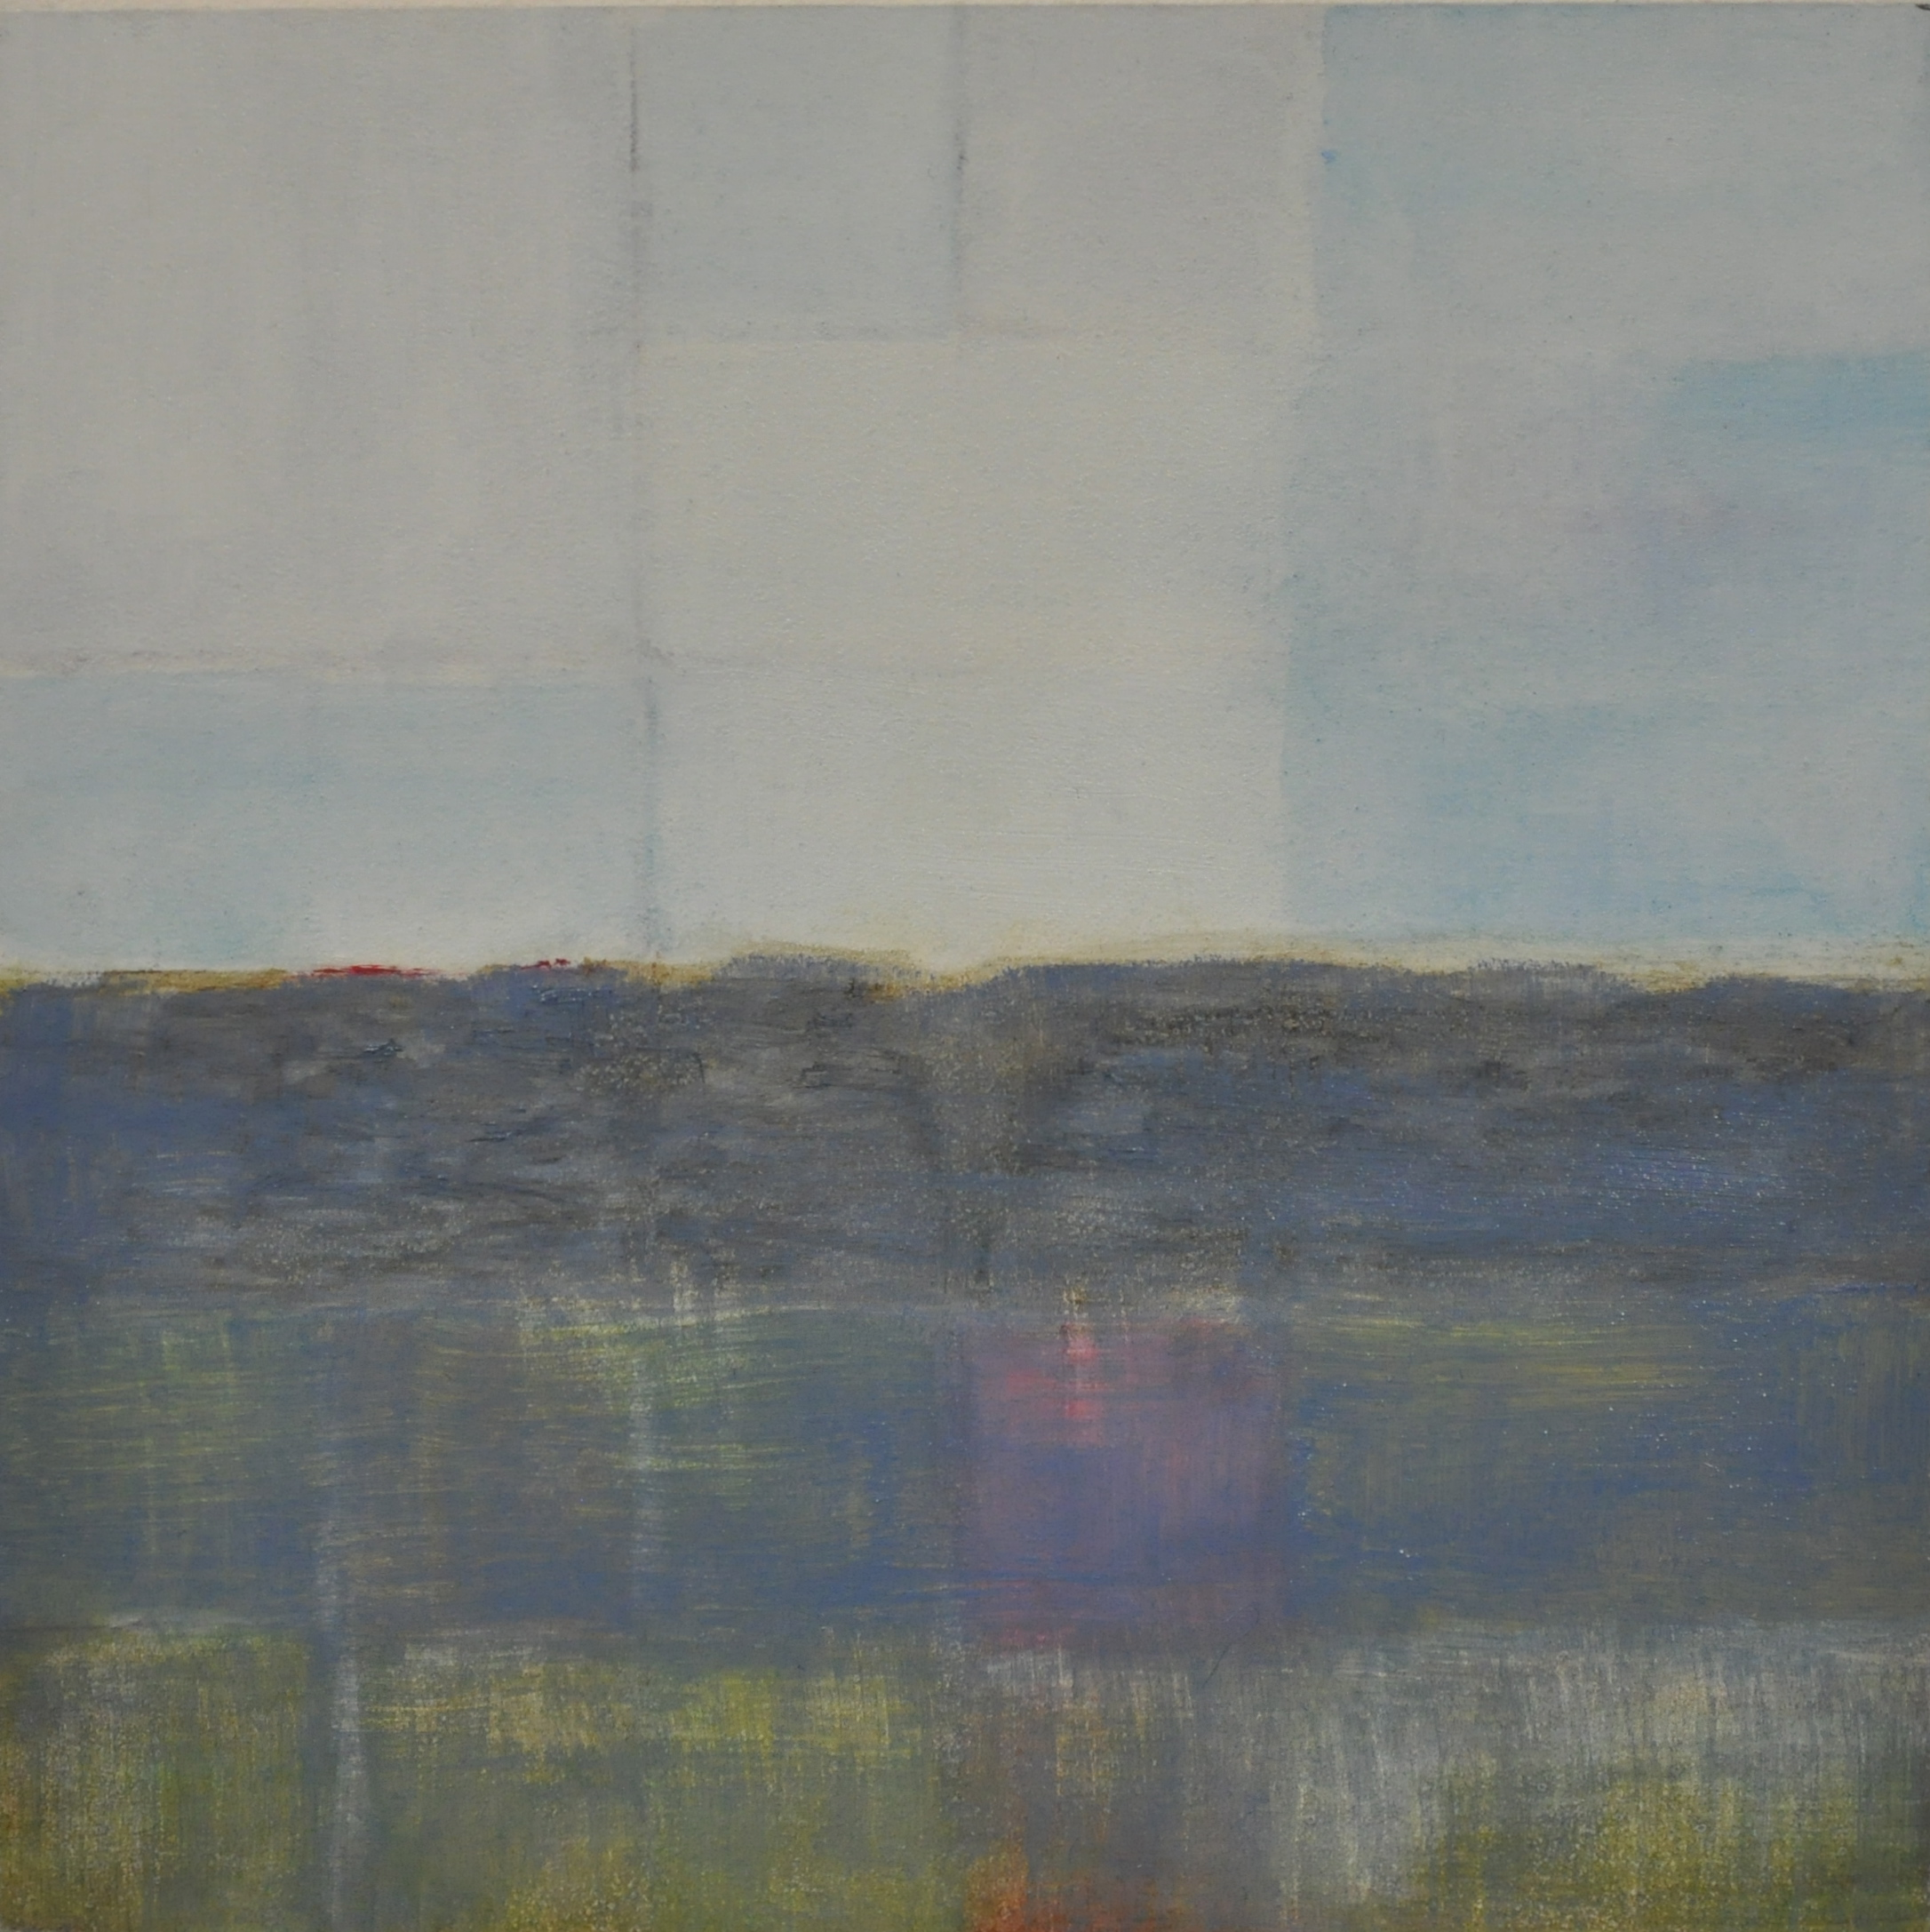 toil, 2016 oil on wood panel, 15.2 x 15.2 cm